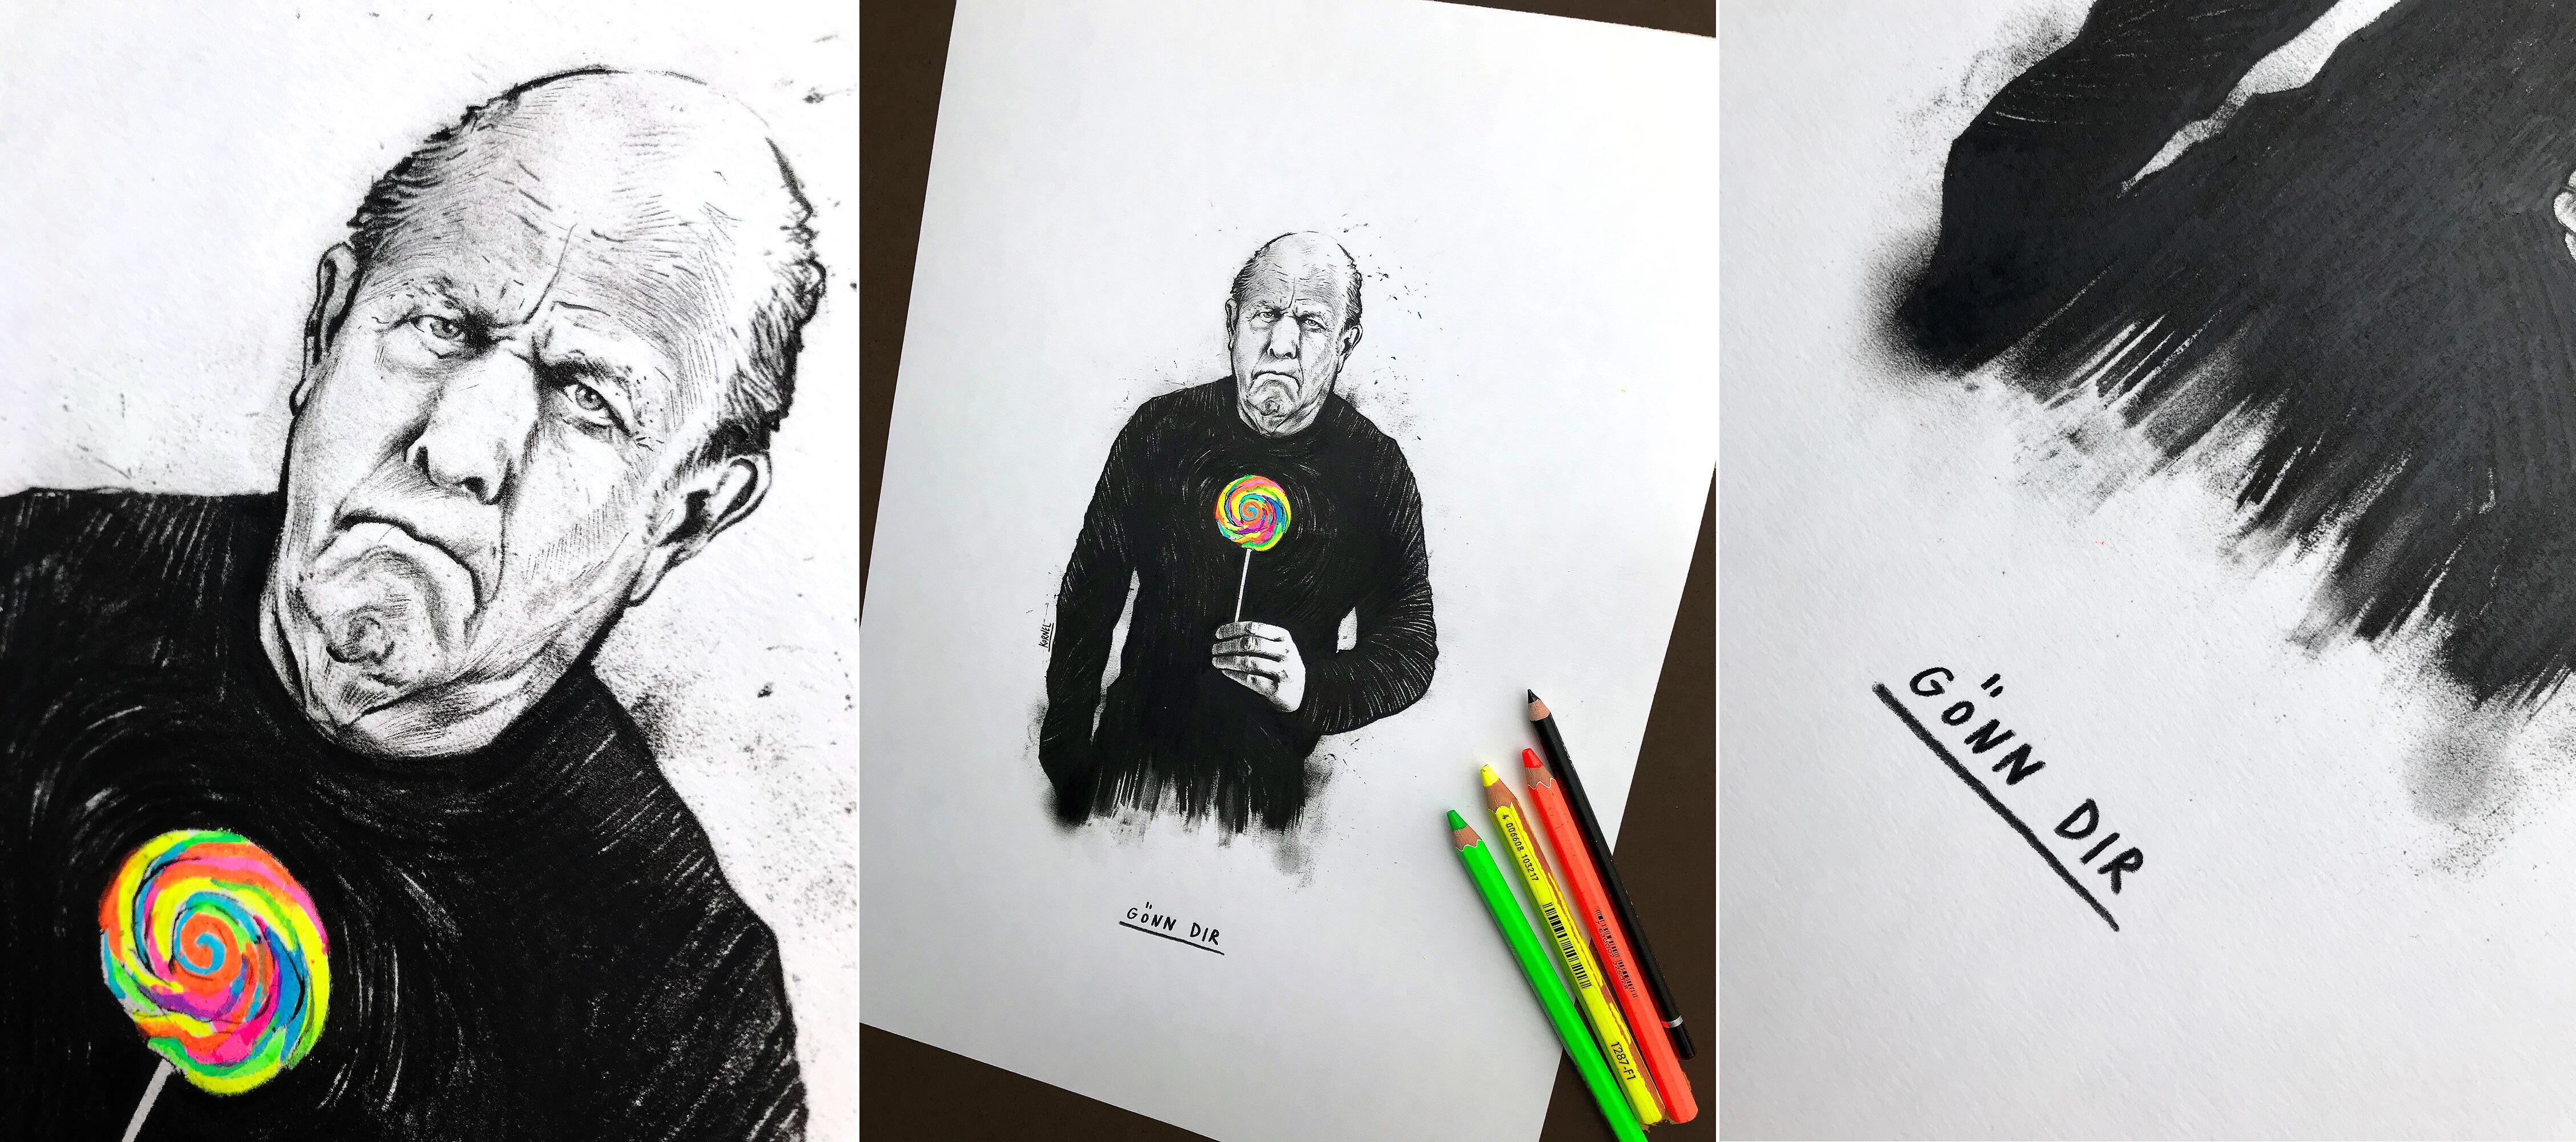 Goenn dir artwork details - Kornel Illustration   Kornel Stadler portfolio